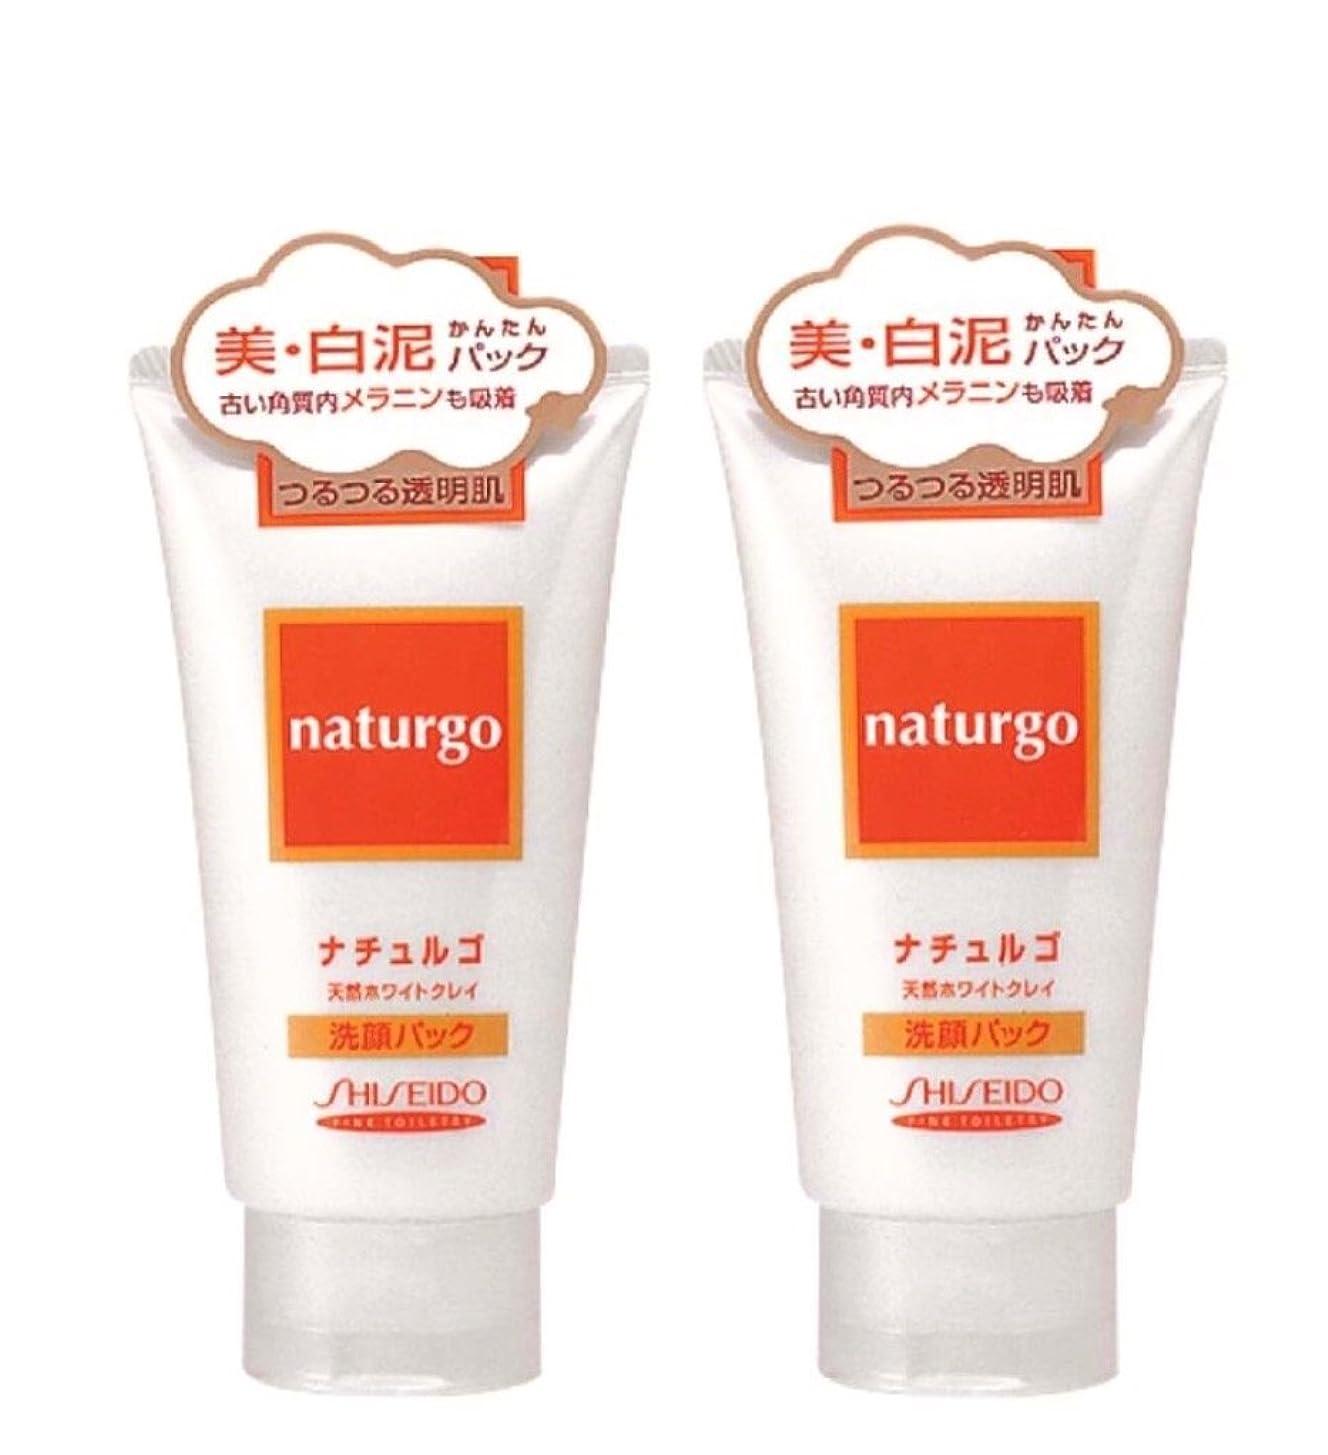 あえて配送円形の【まとめ買い】ナチュルゴ 天然ホワイトクレイ洗顔パック 120g ×2セット